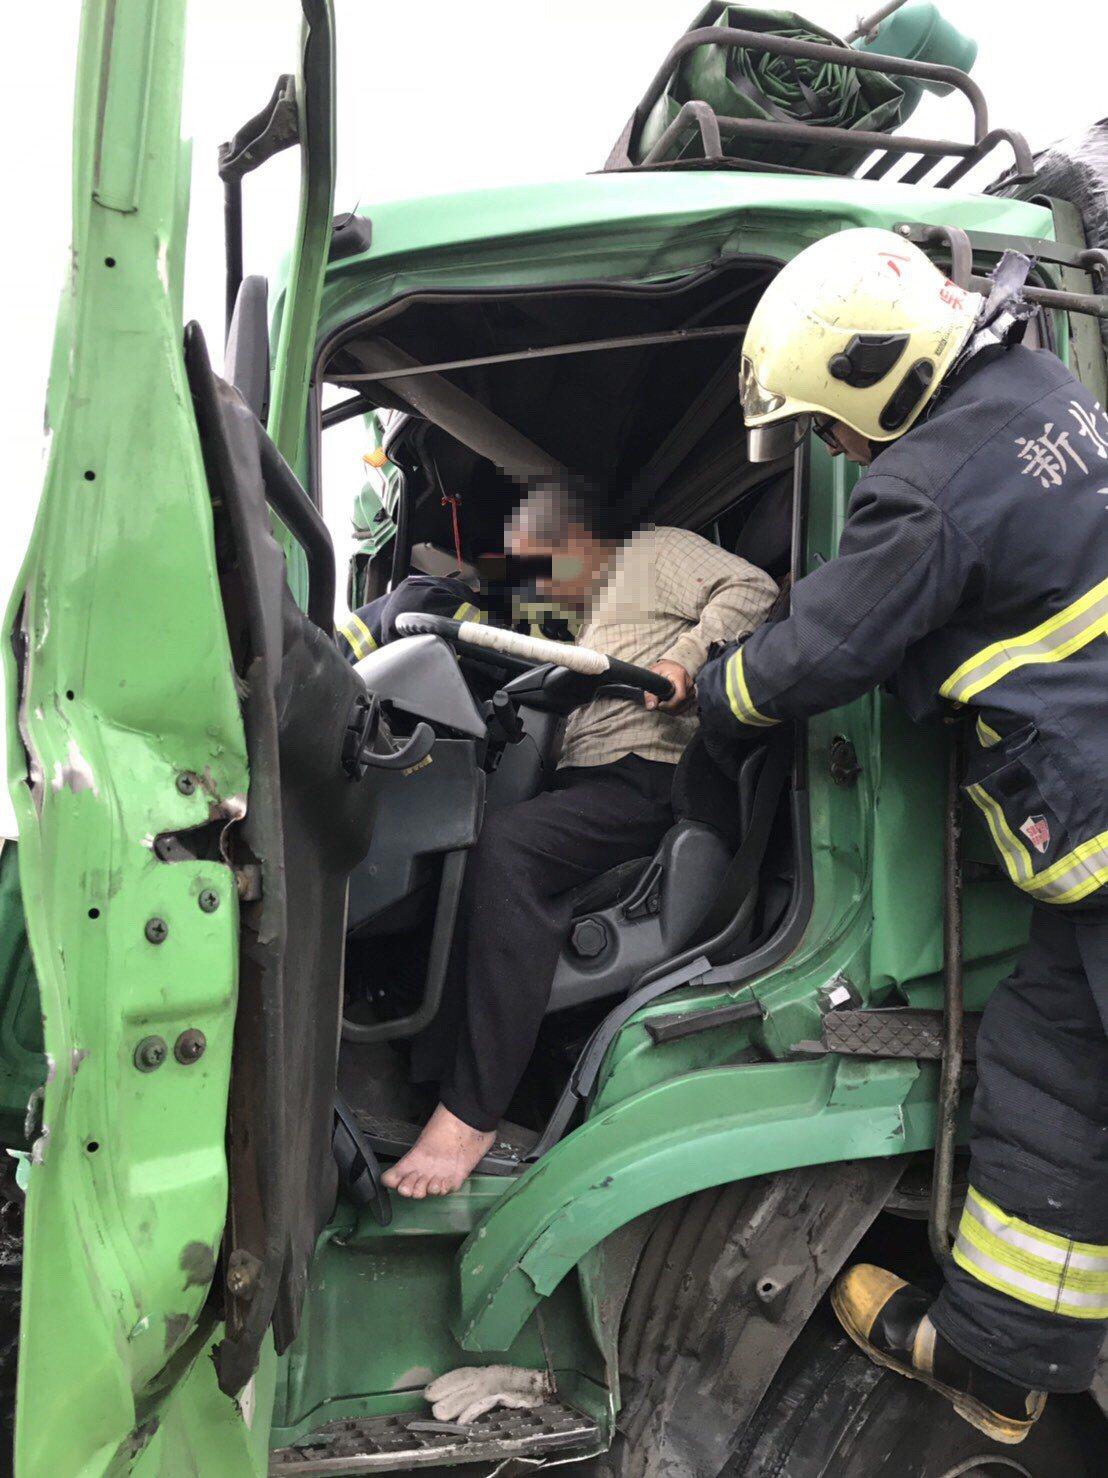 西濱快速道路4車追撞,聯結車駕駛被卡車內,右腳變形骨折。記者巫鴻瑋/翻攝